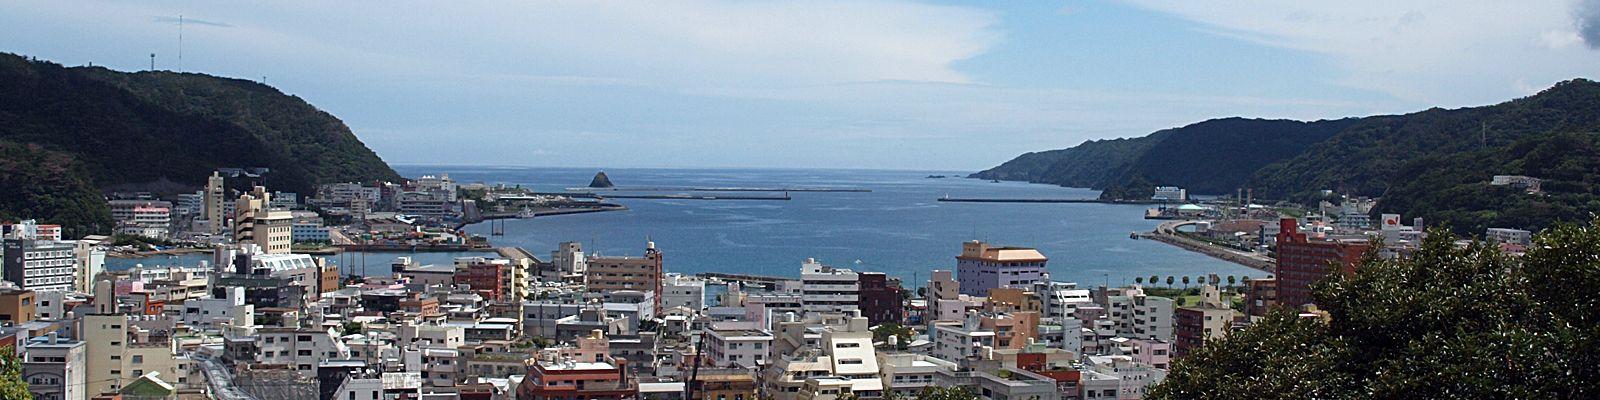 おがみ山から見渡す奄美市名瀬の市街地